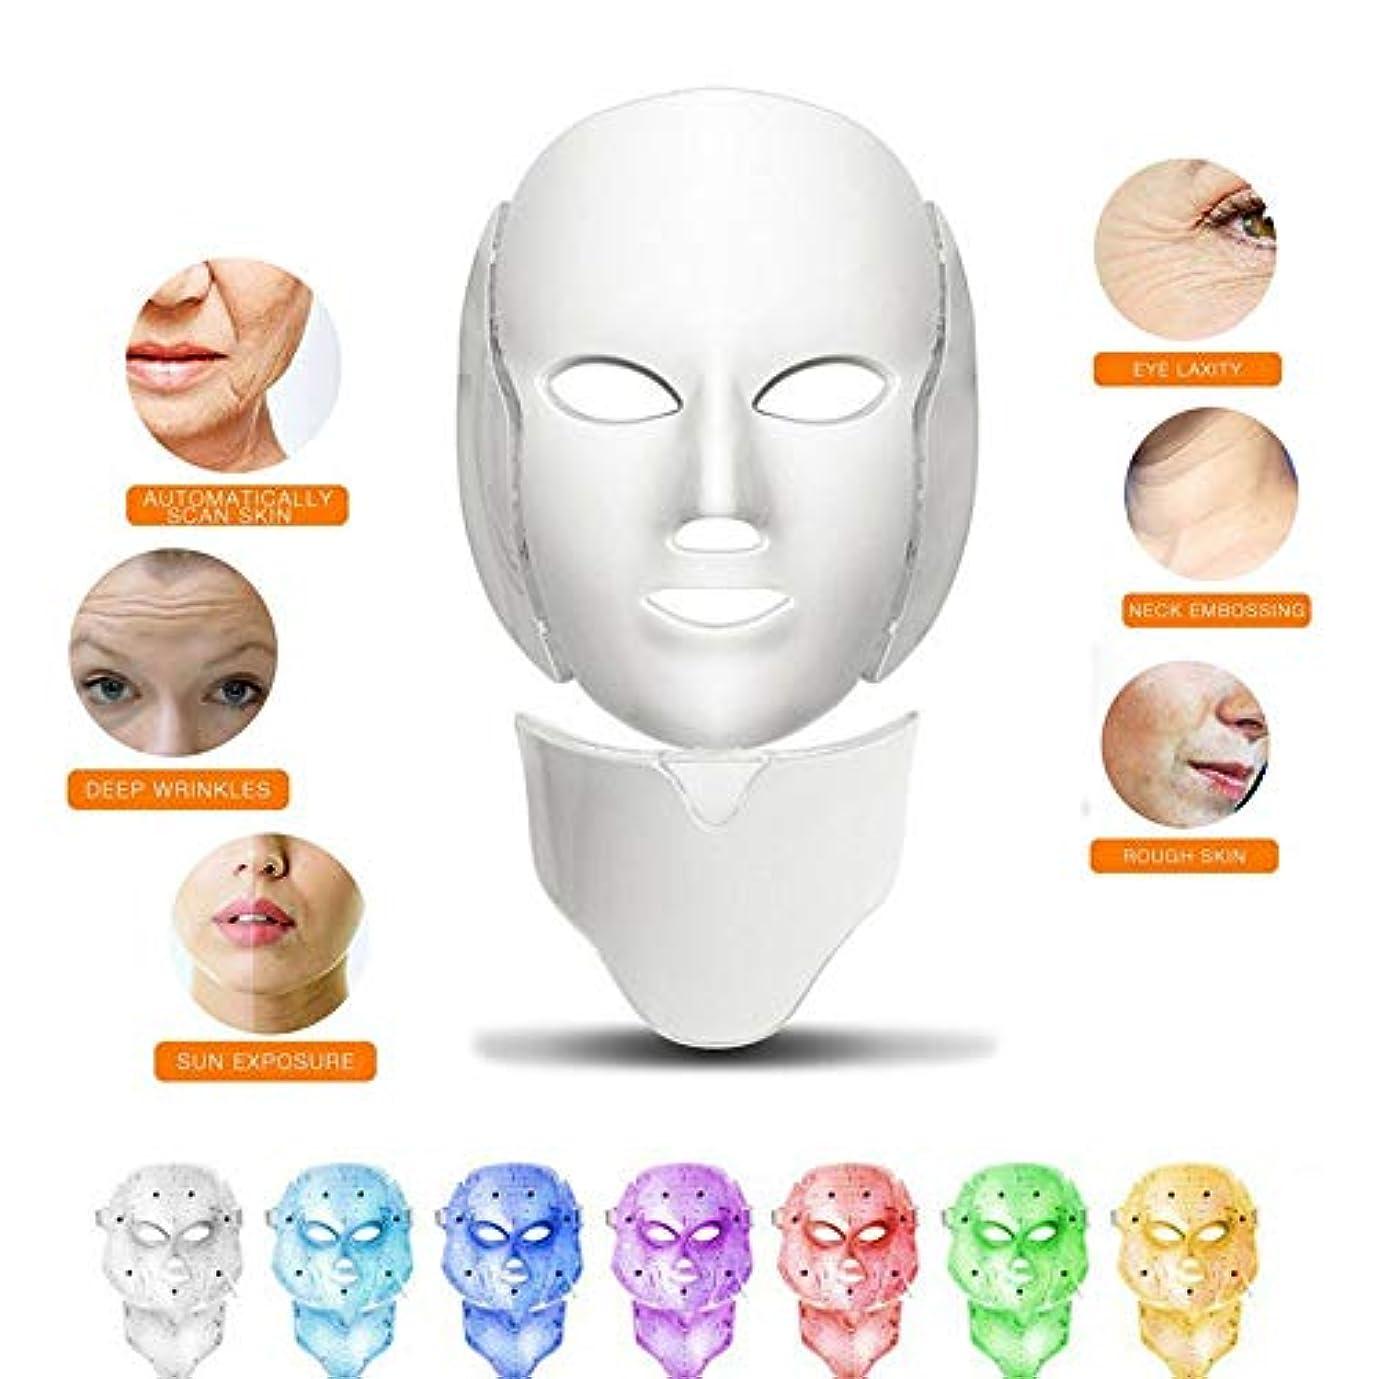 威信フィドル天文学赤色光光子療法機7色ledフェイスマスク+首、肌の若返りしわにきび除去フェイシャルスパ美容機器、ホワイト